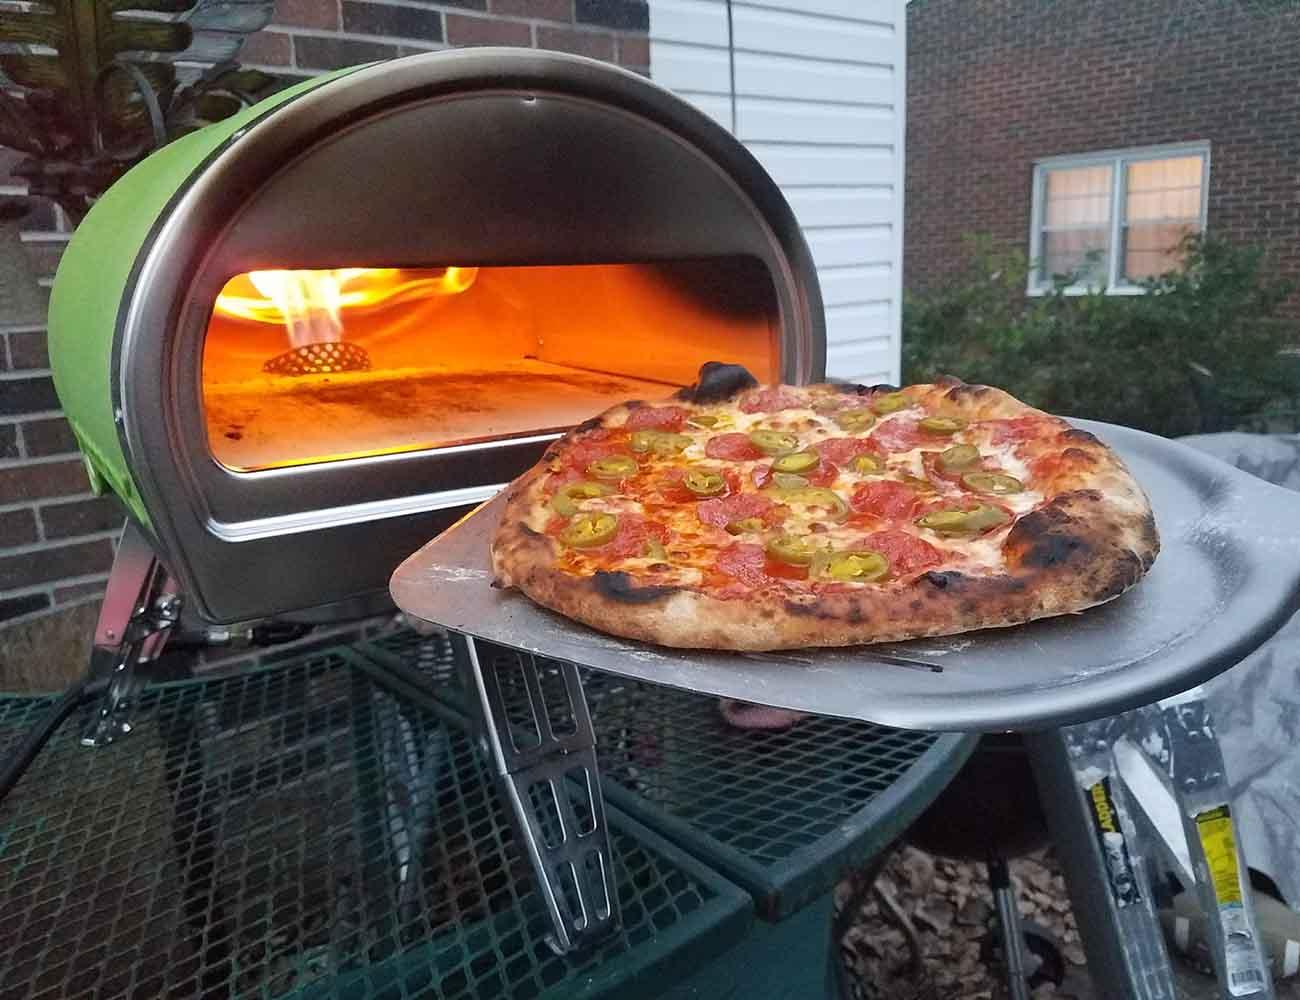 Roccbox the portable stone bake pizza oven gadget flow for Forno per pizza portatile